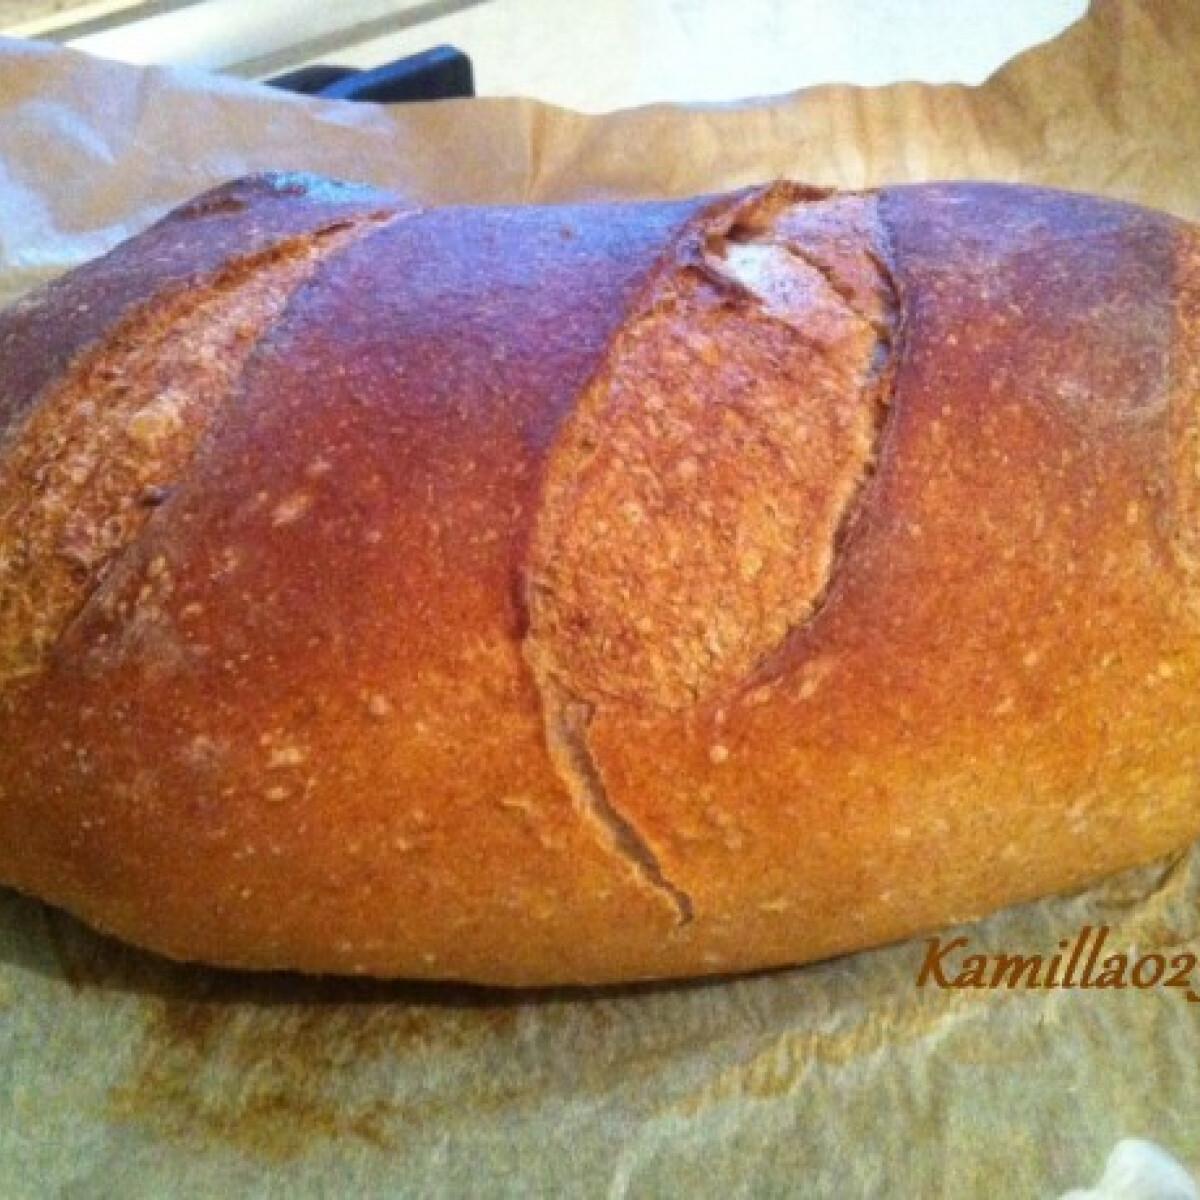 Ezen a képen: Barna kenyér Kamilla023 konyhájából